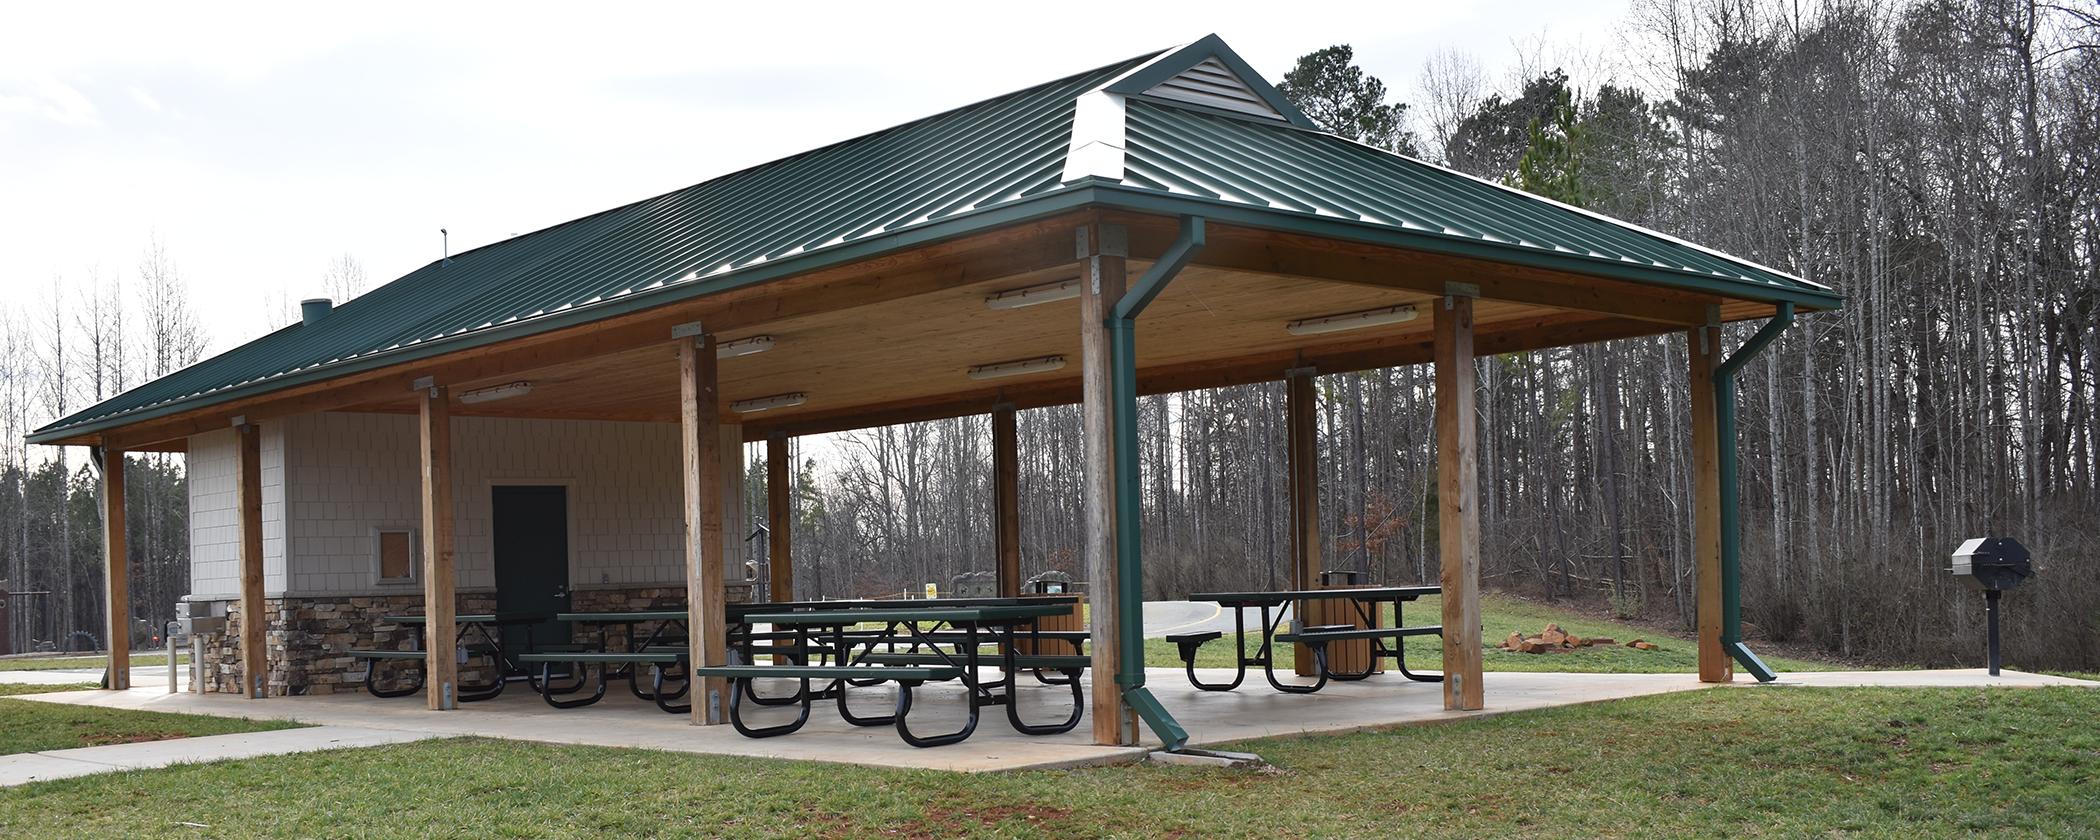 Graham Regional Park Shelter